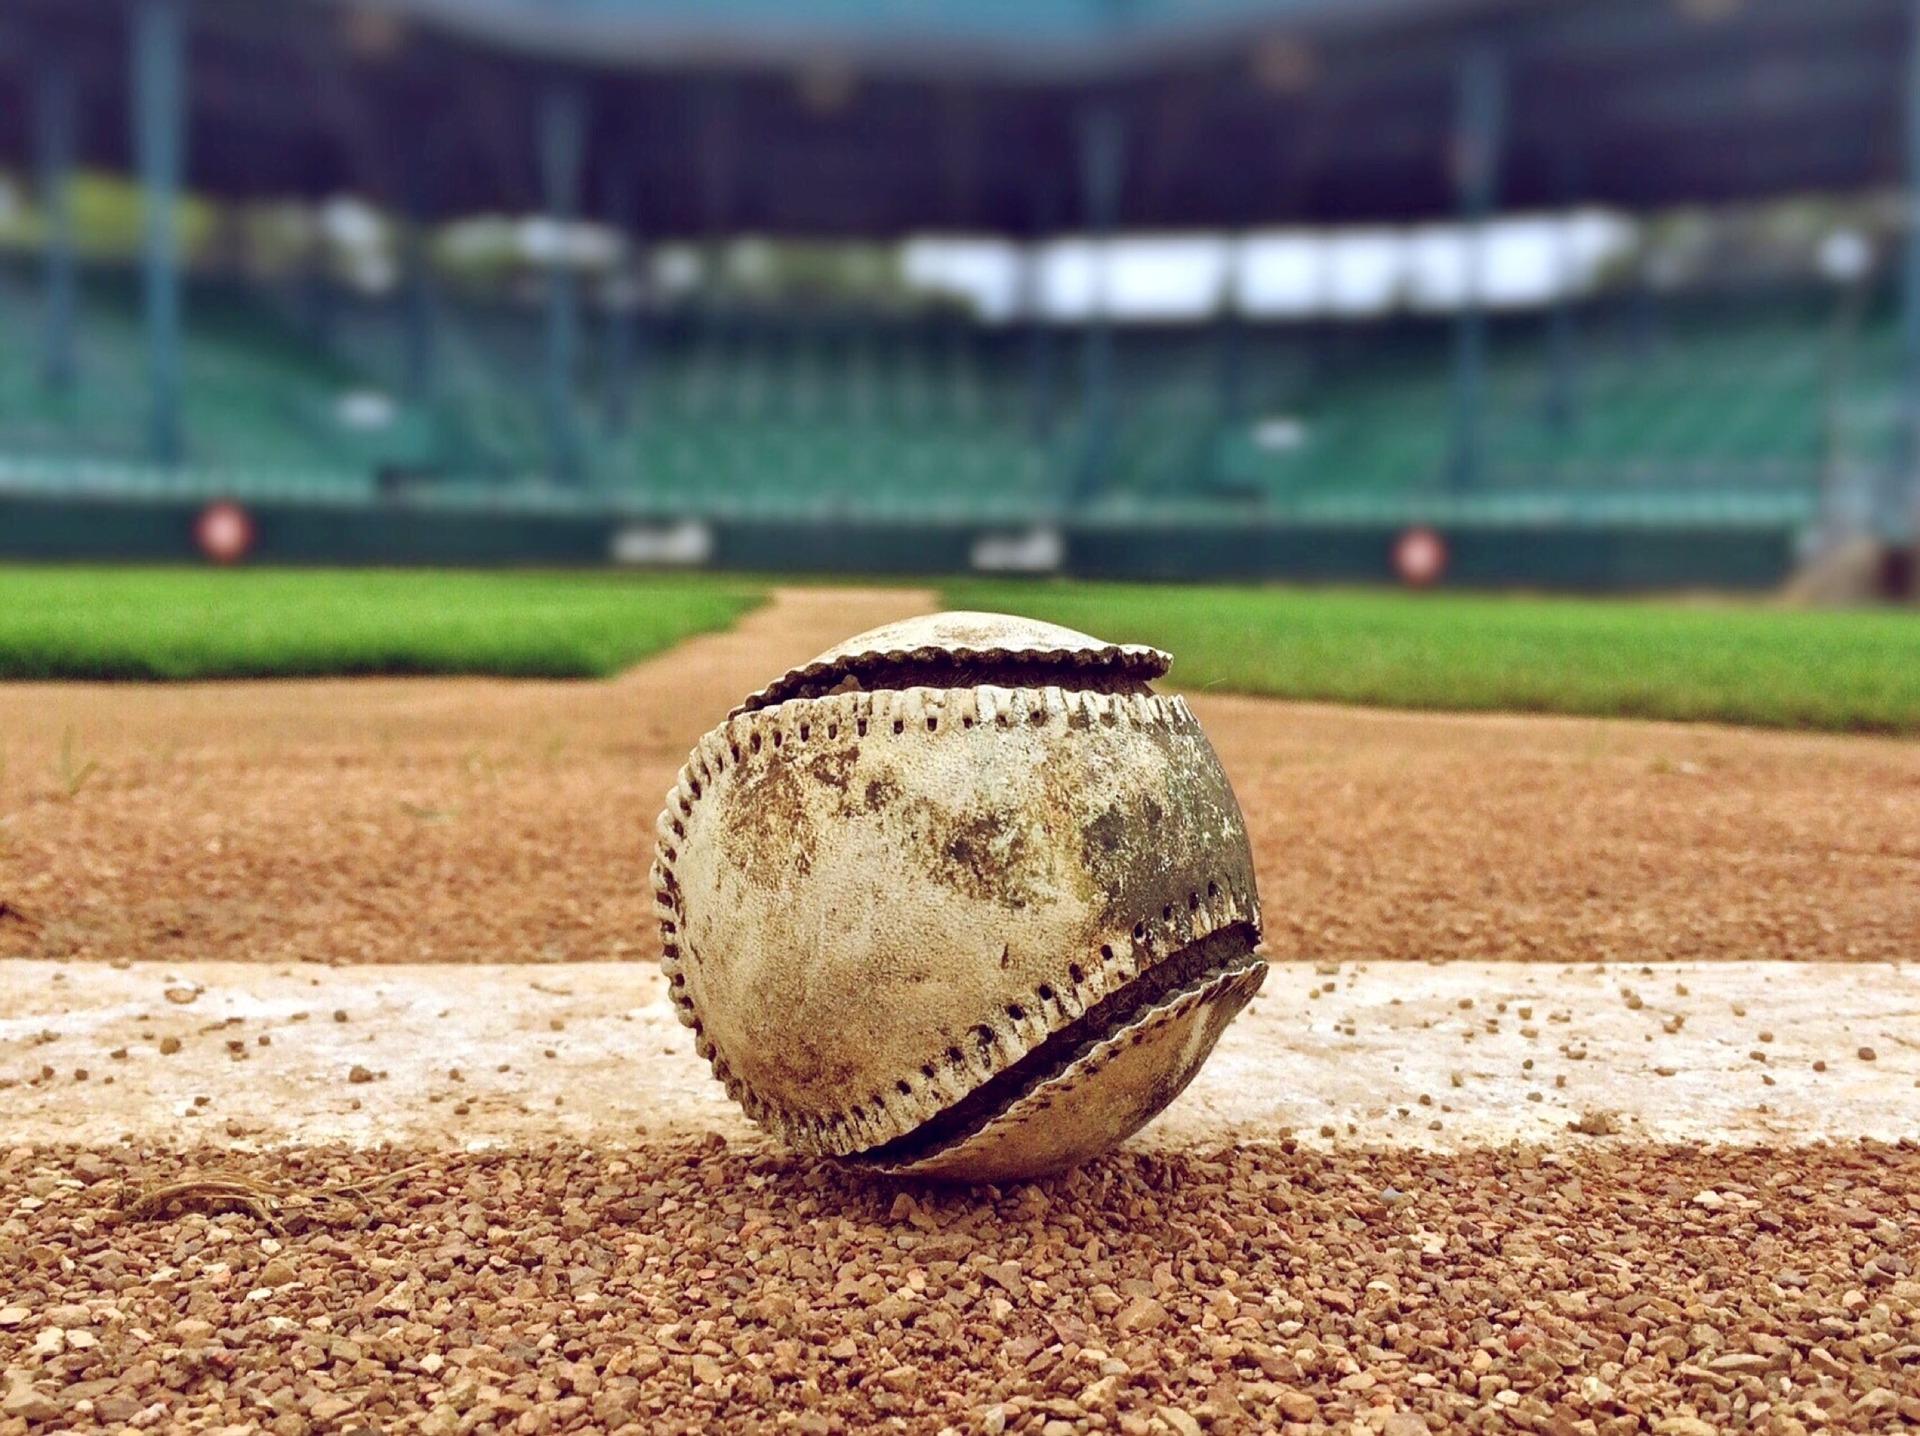 関東地区高校野球2021優勝予想やドラフト注目選手の記事一覧